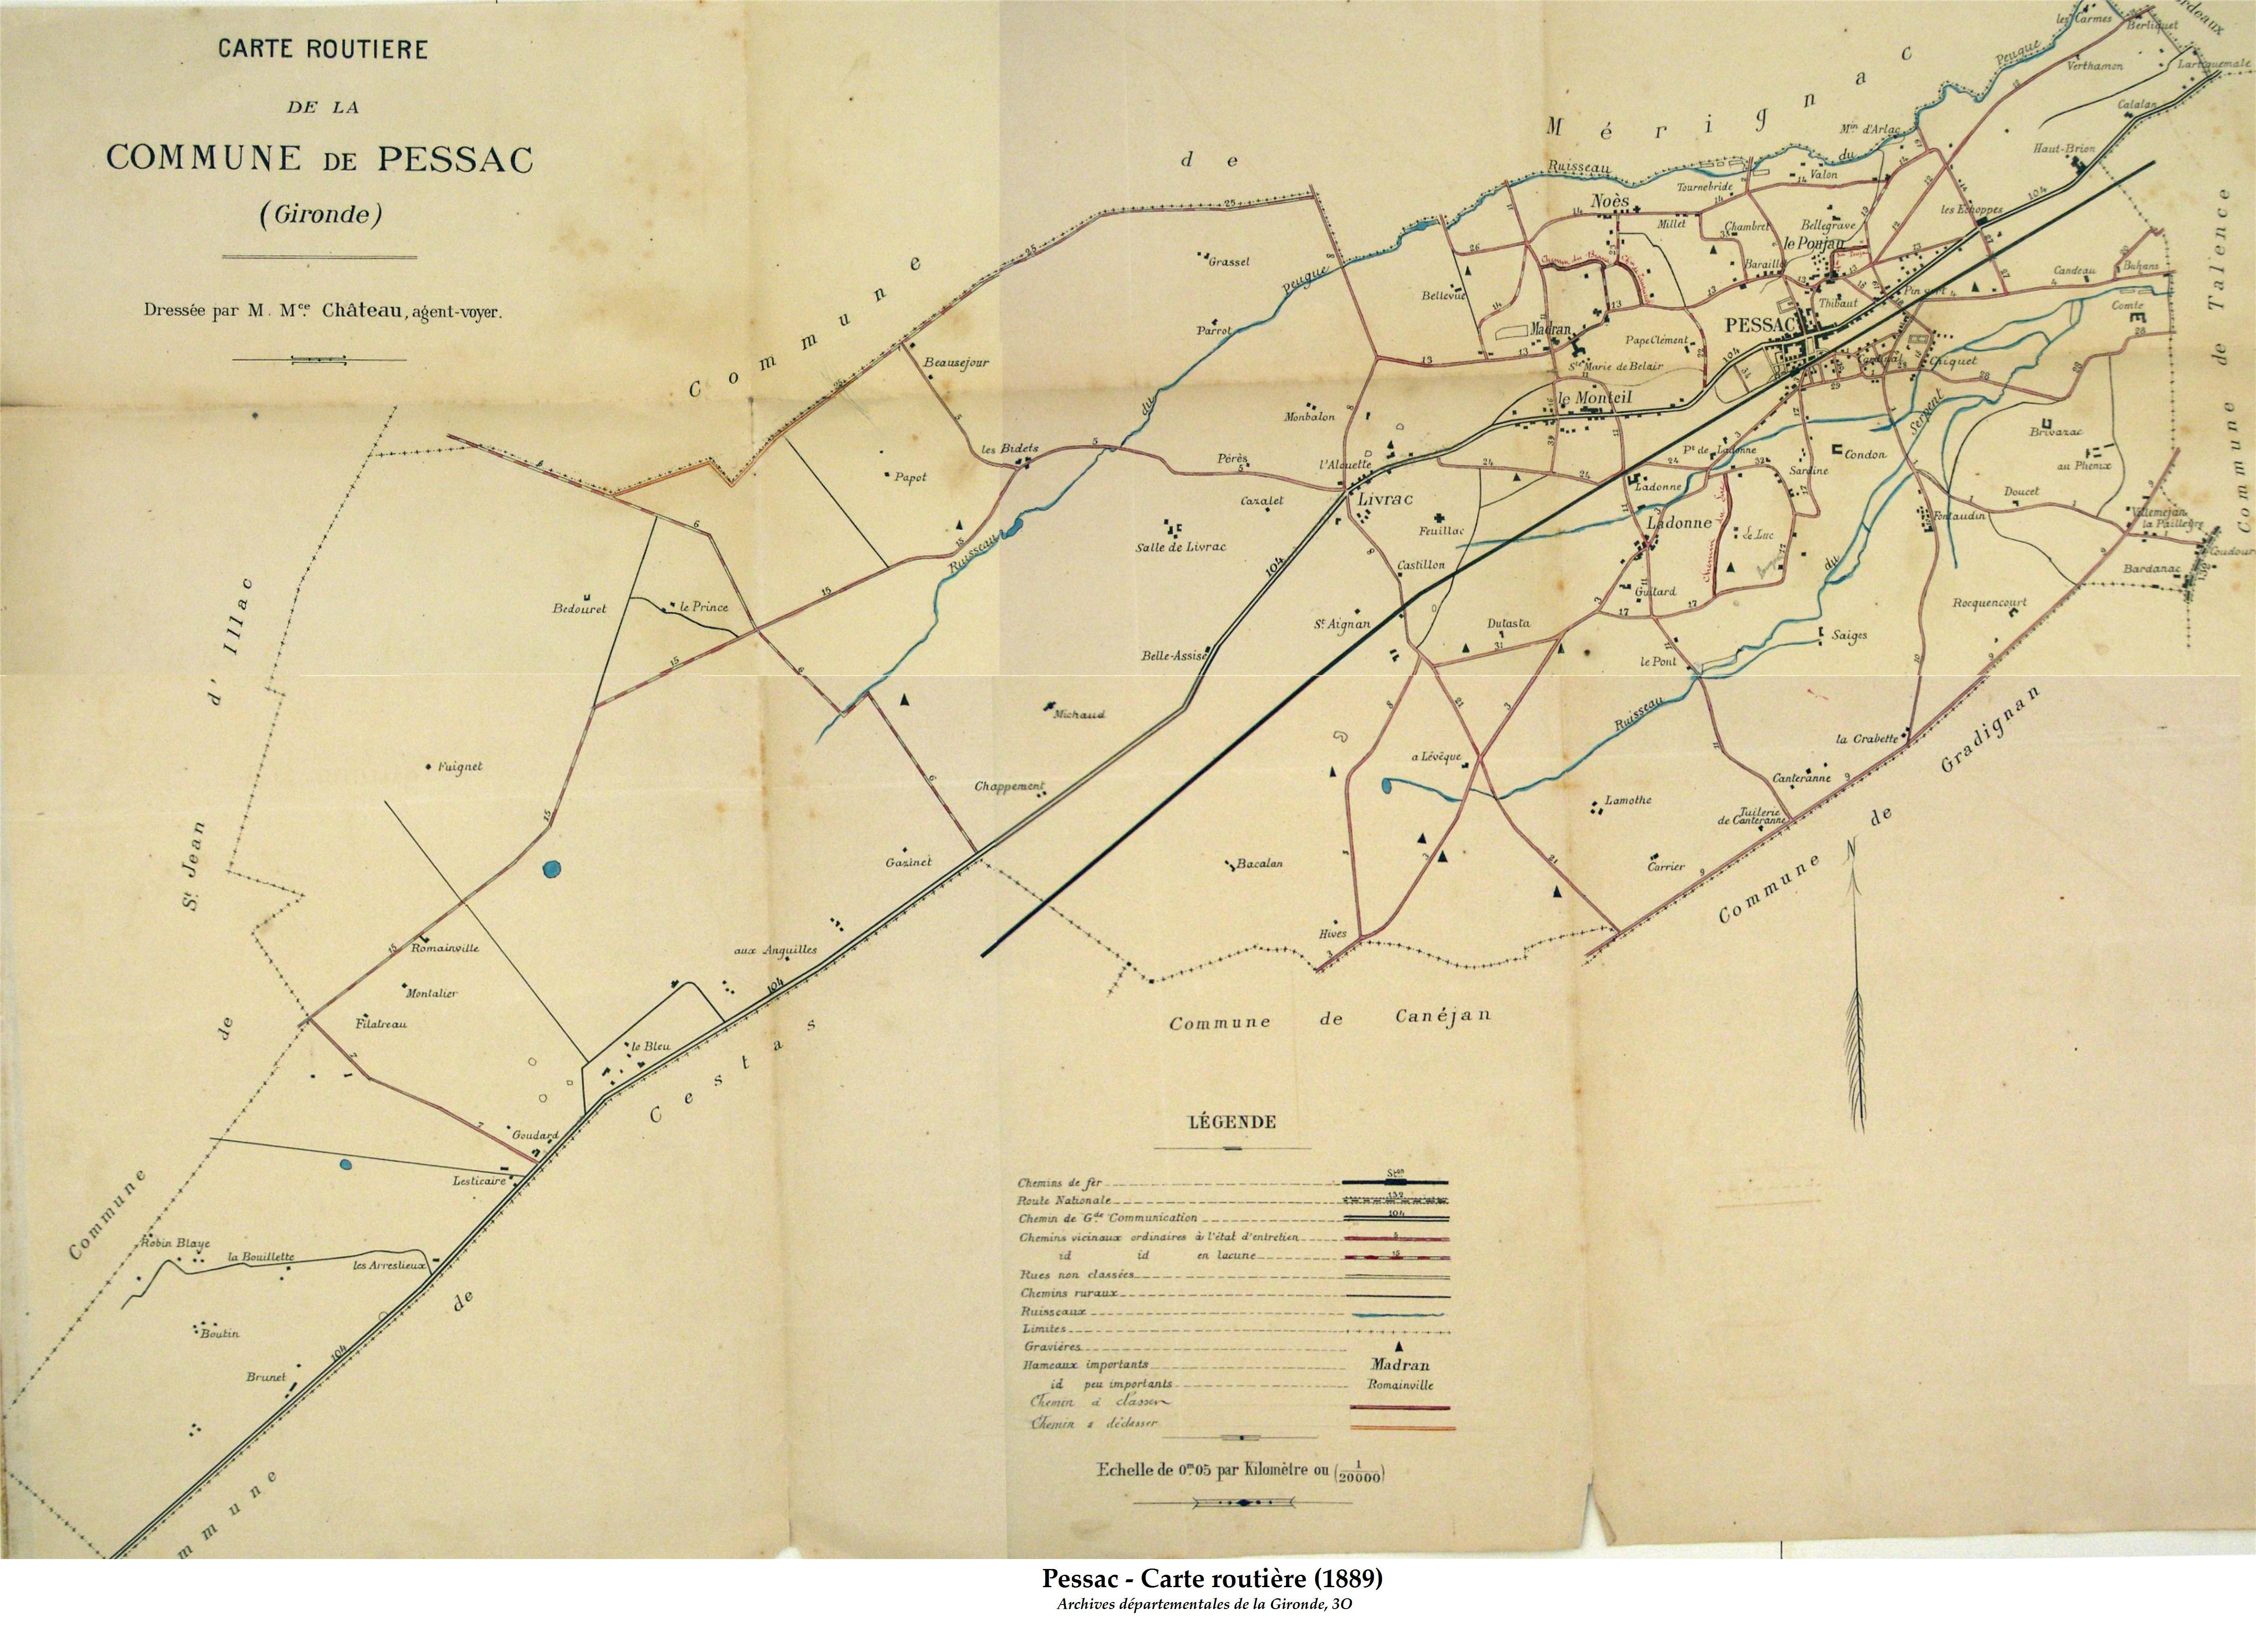 Carte routière de 1889